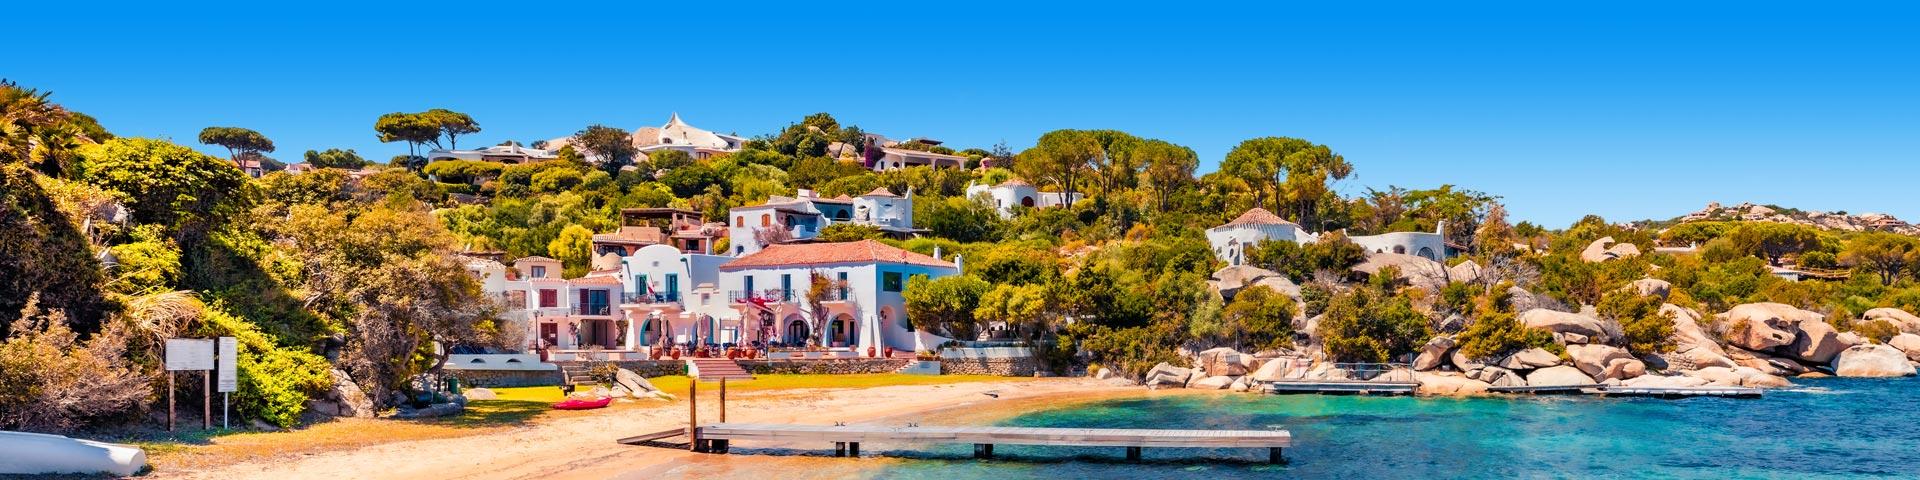 Uitzicht op een stijger en dorpje op het Italiaanse eiland Sardinië